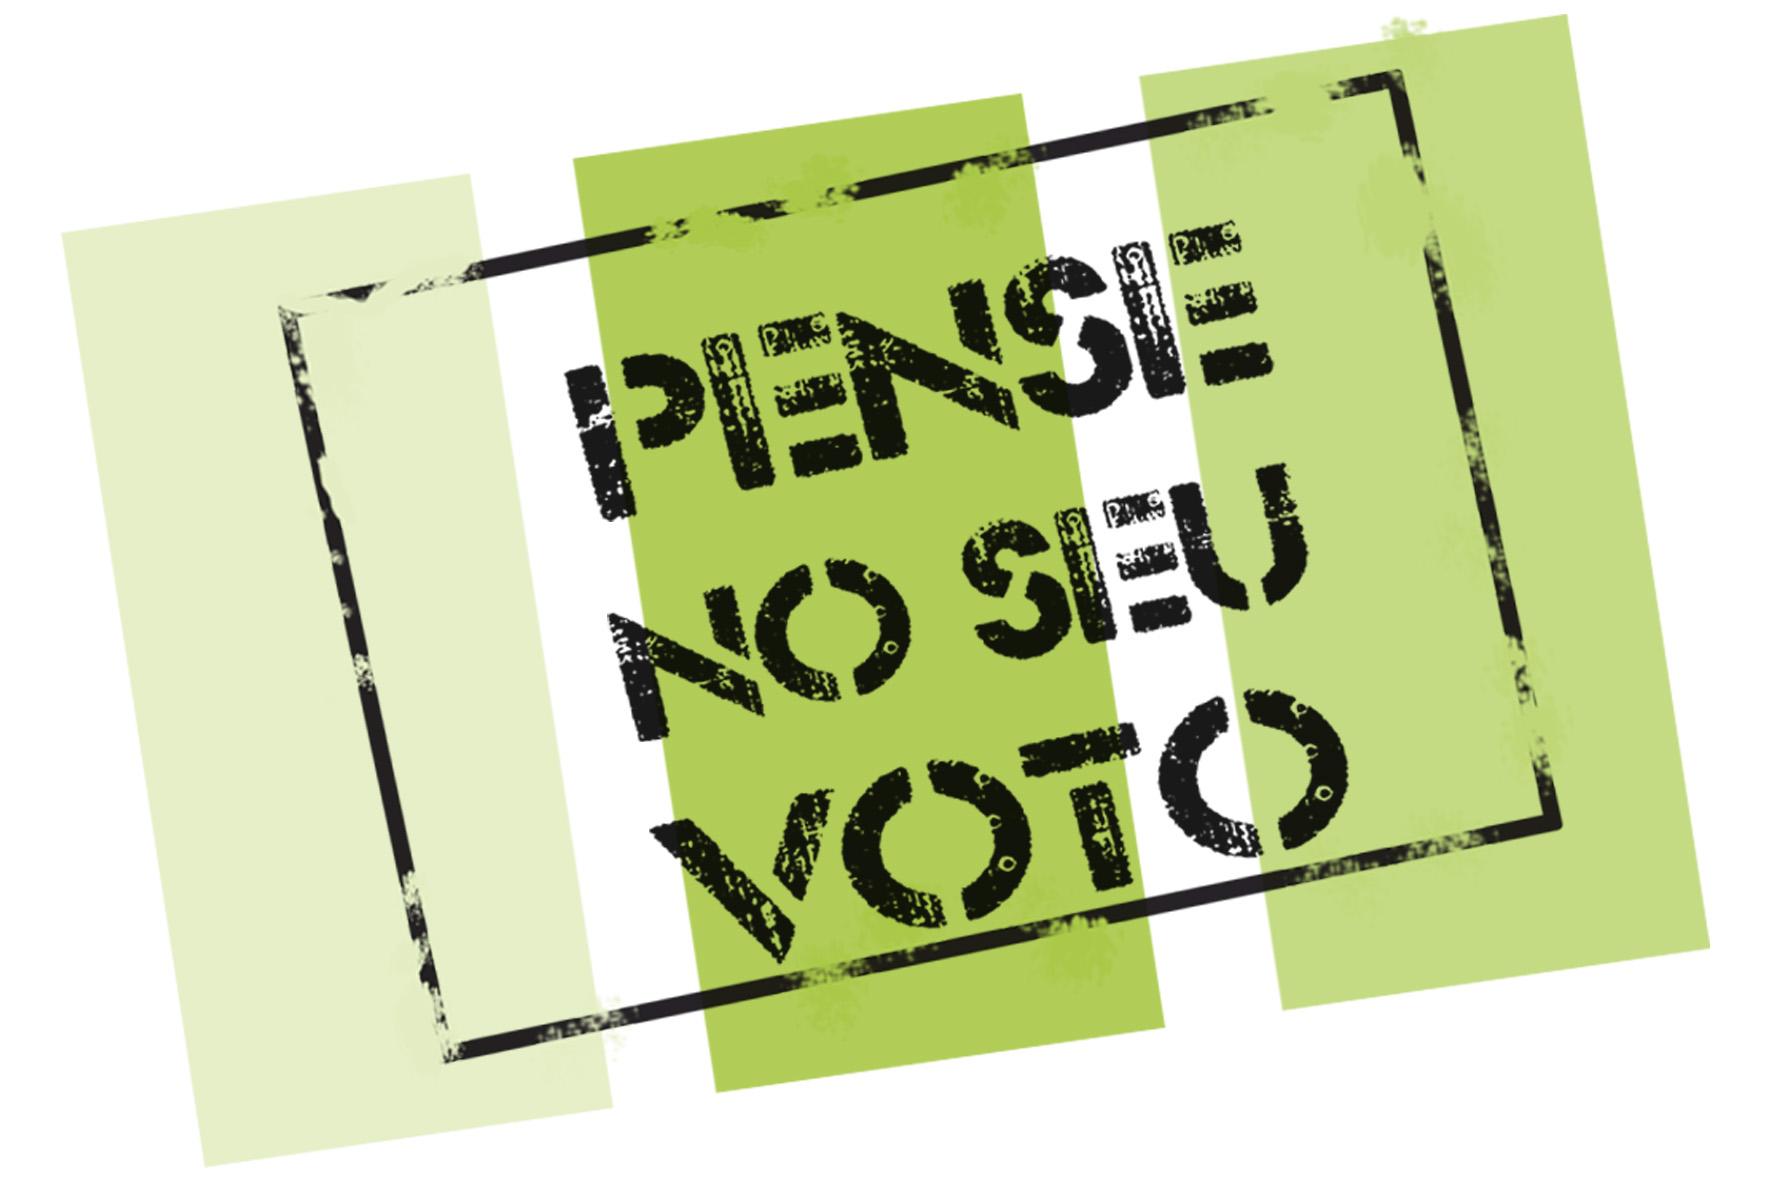 estampa falando pense no seu voto